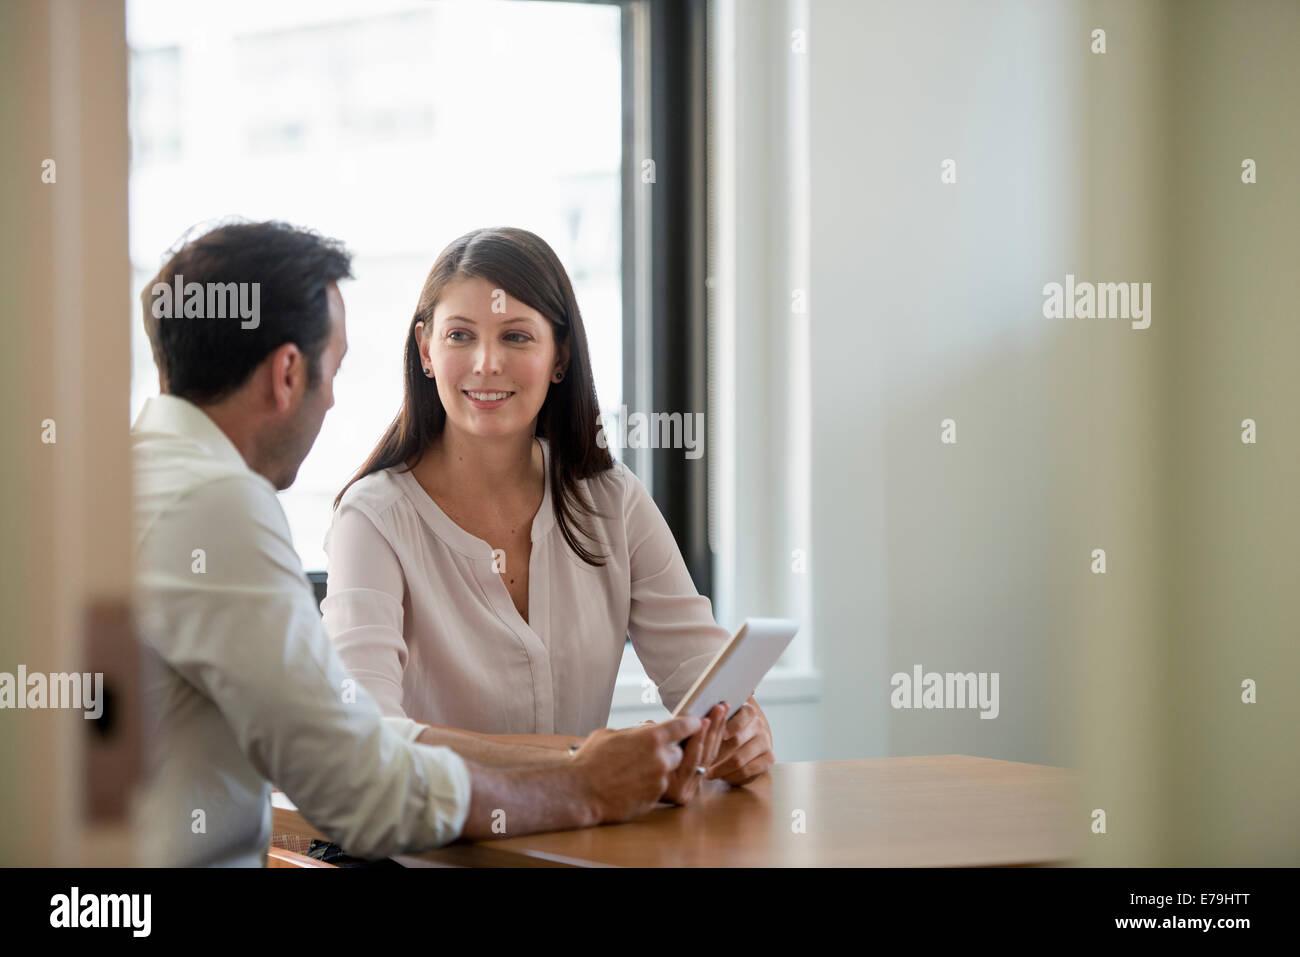 Un uomo e una donna in un ufficio, la condivisione di una tavoletta digitale. Immagini Stock